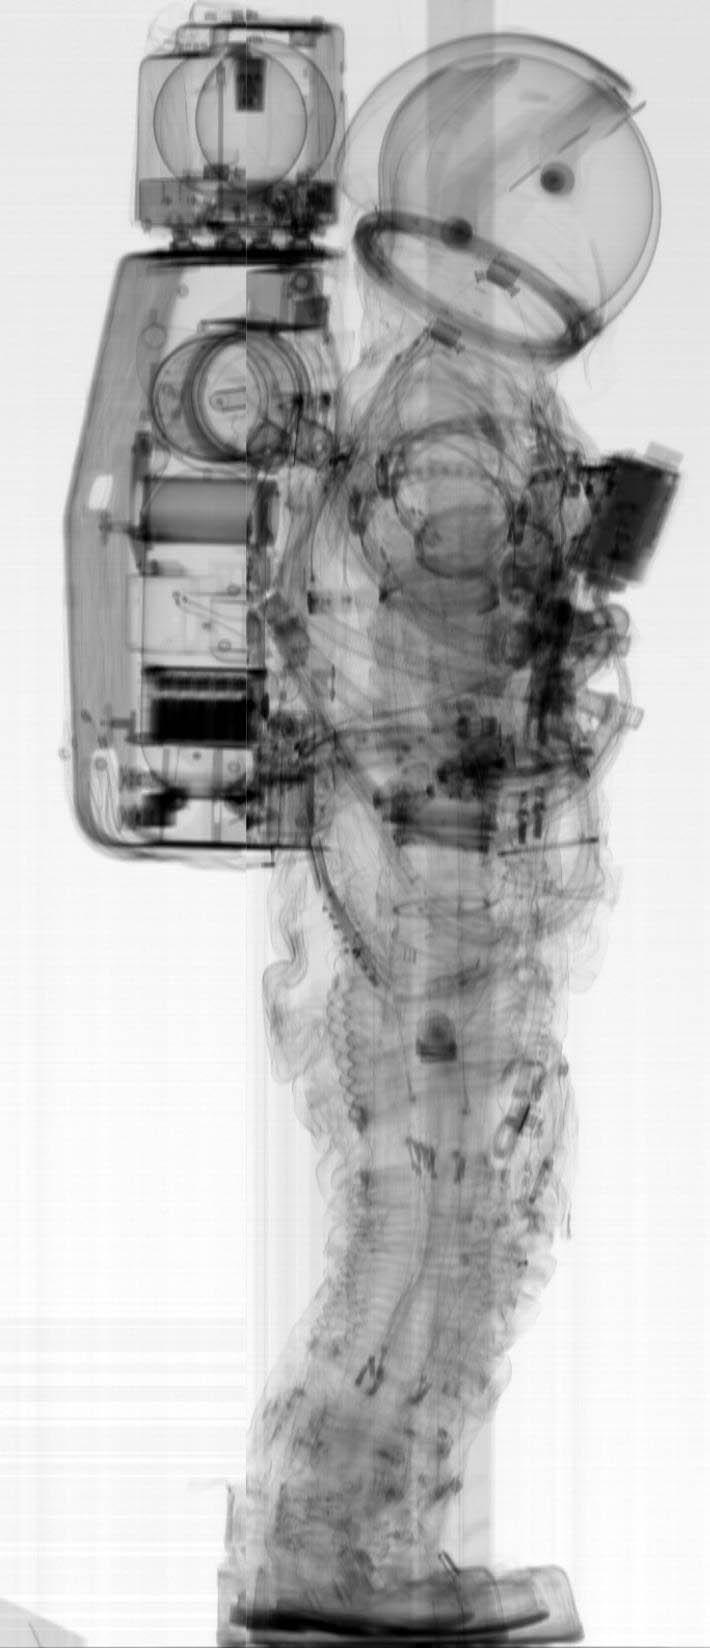 combinaison d'astronaute aux rayons X